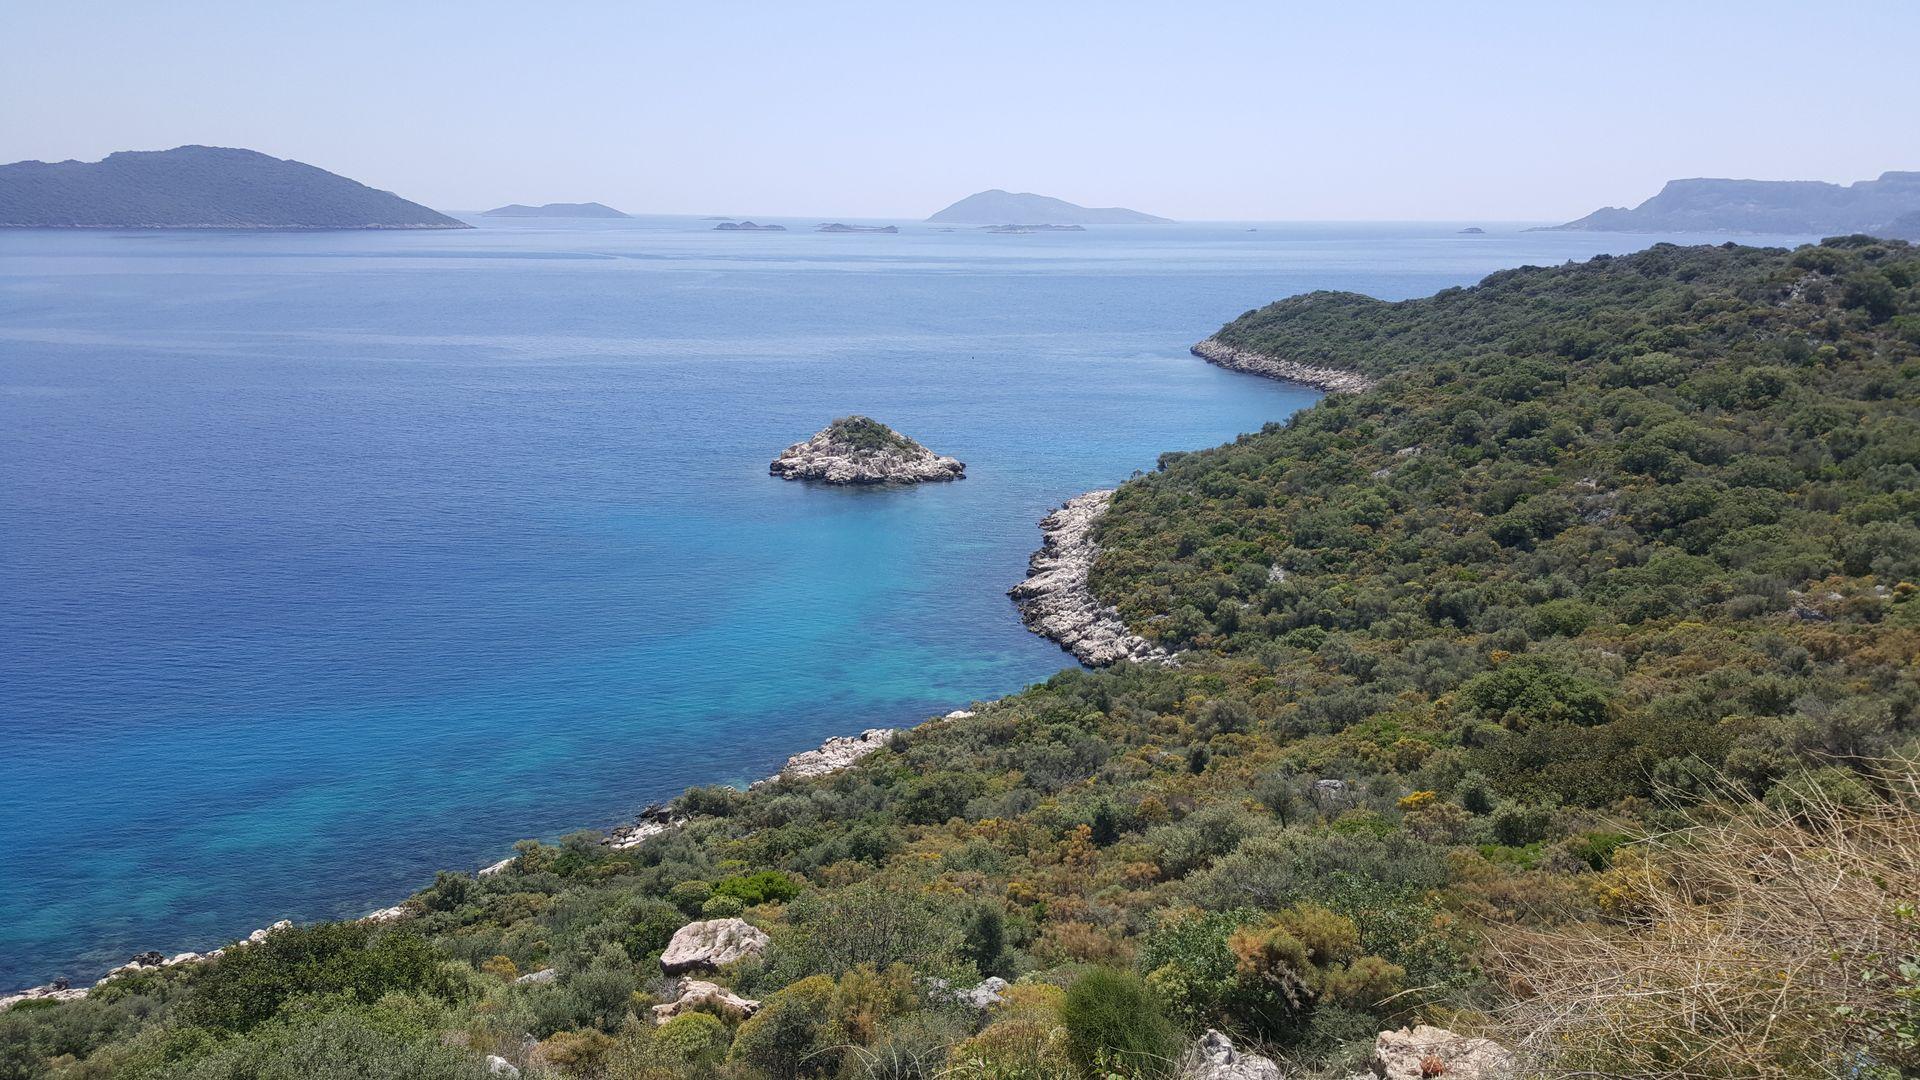 Город-курорт Каш в Турции: фото, отели, пляжи и достопримечательности